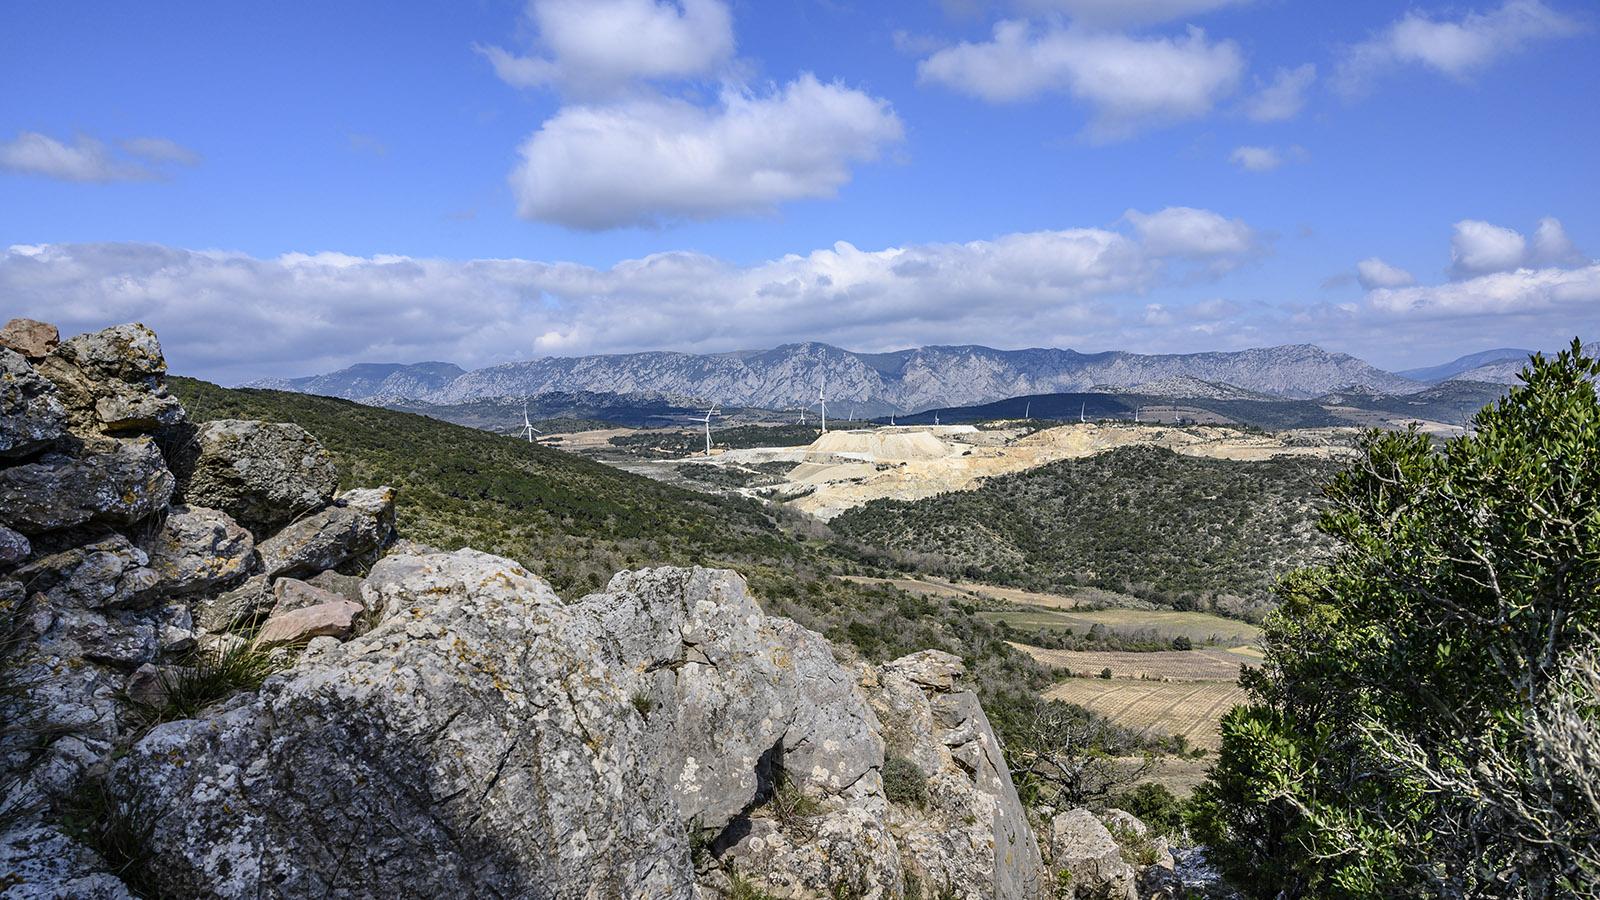 Der Blick von der Tour de Lansac auf den Steinbruch und die Corbières-Berge. Foto: Hilke Maunder